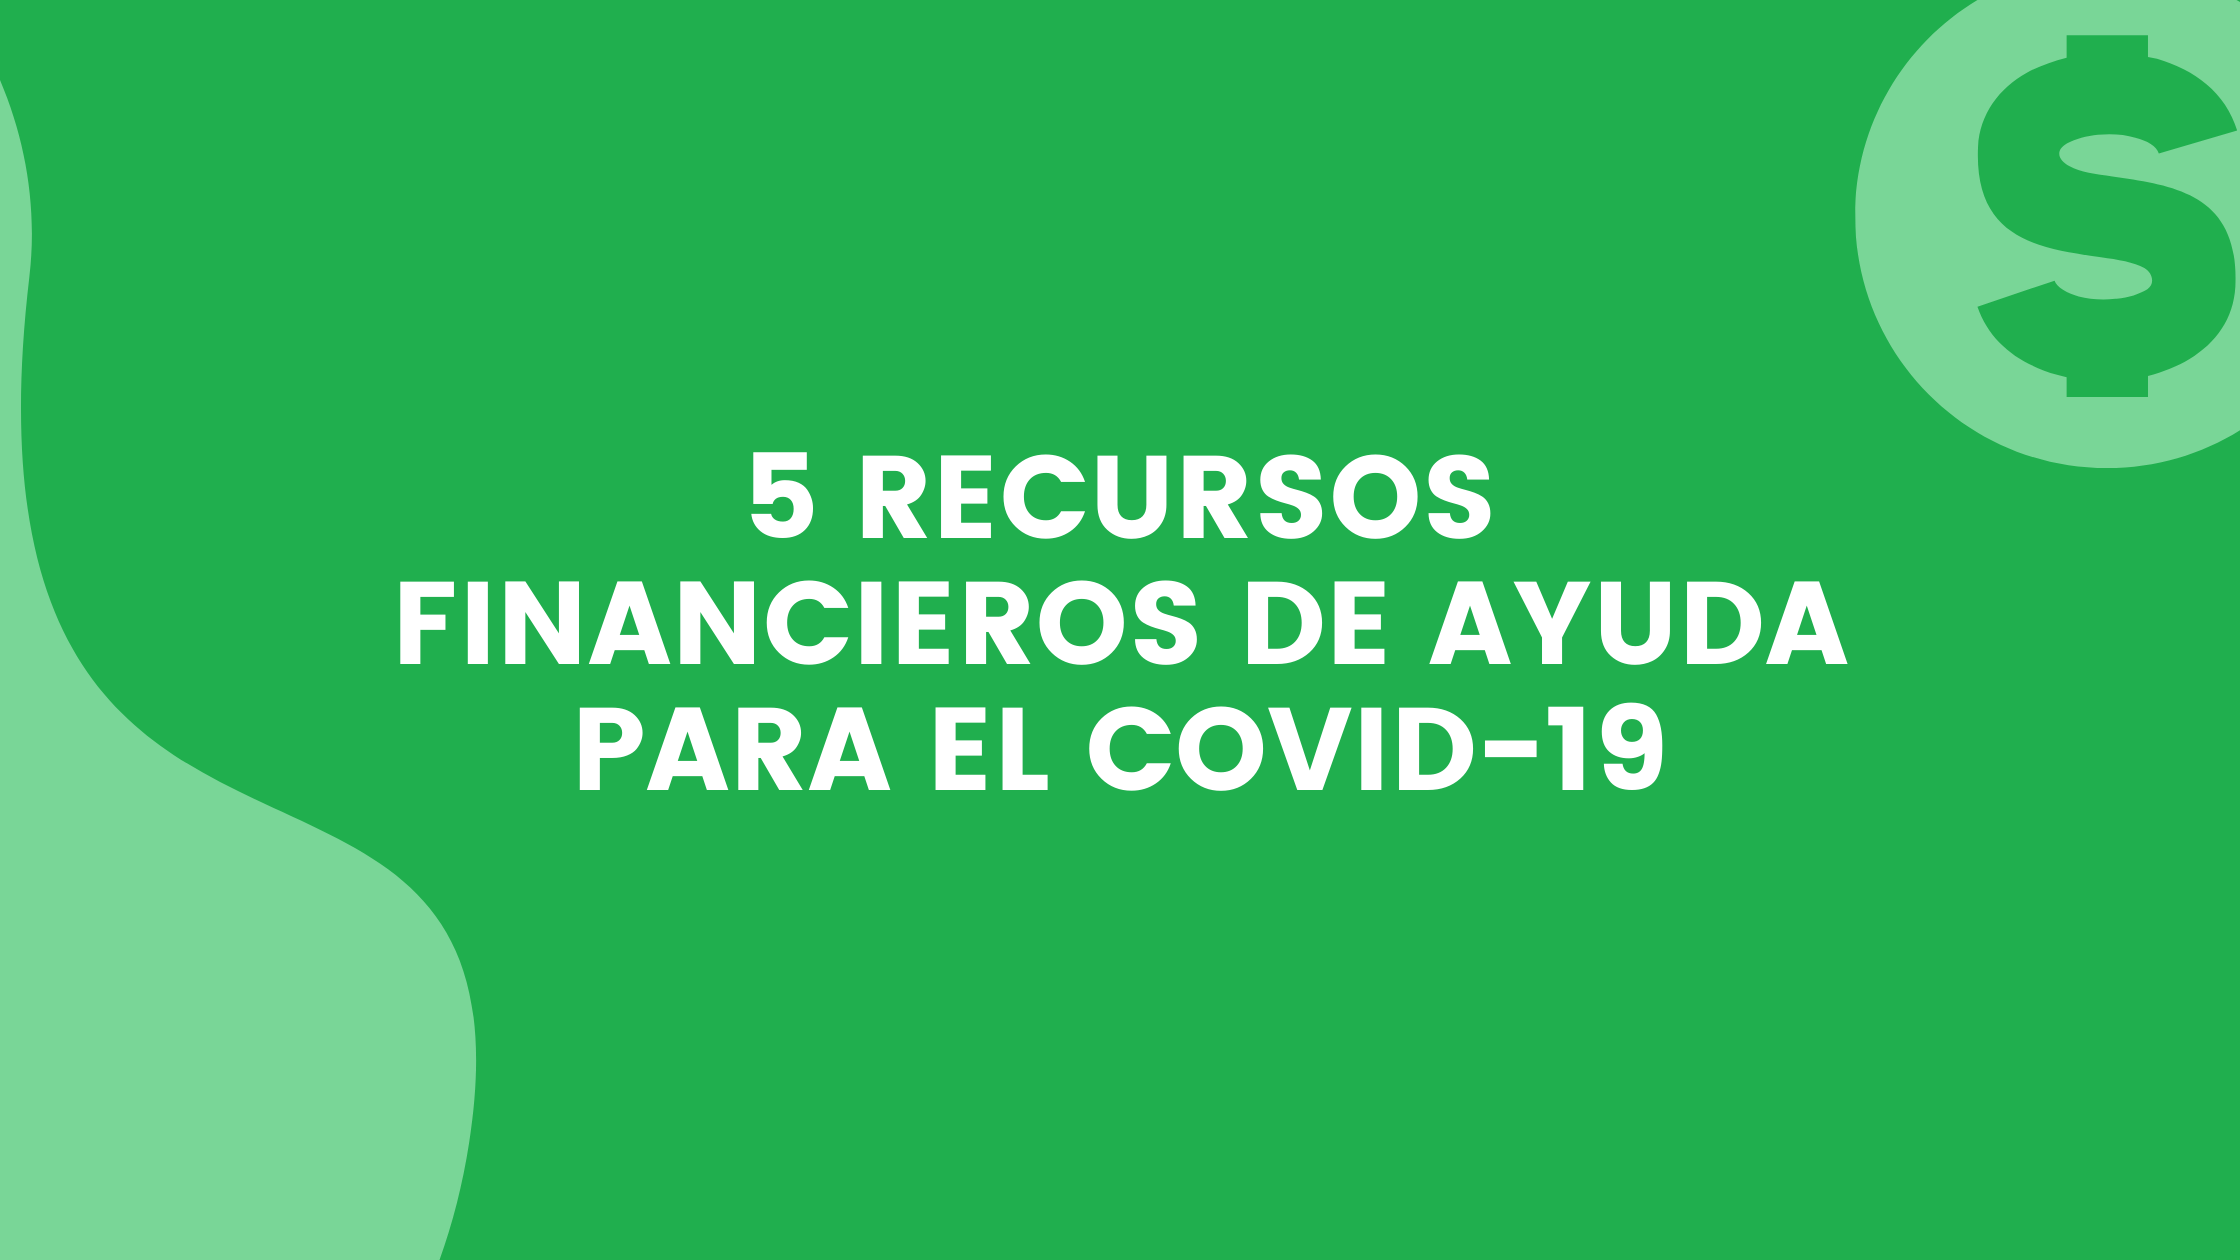 5 Recursos Financieros De Ayuda Para El COVID-19